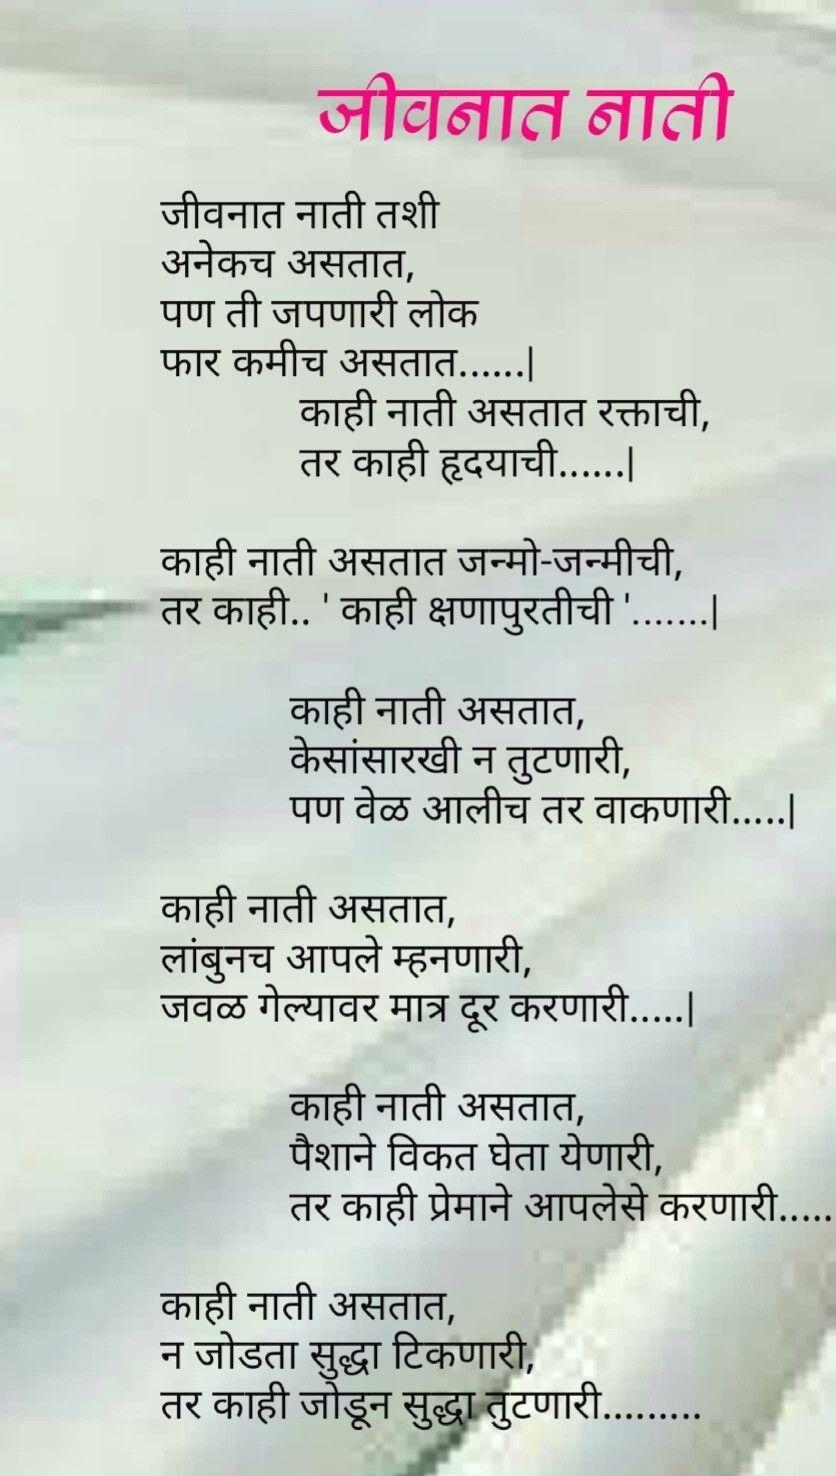 Marathi quotes image by aafreen shaikh on marathi poem